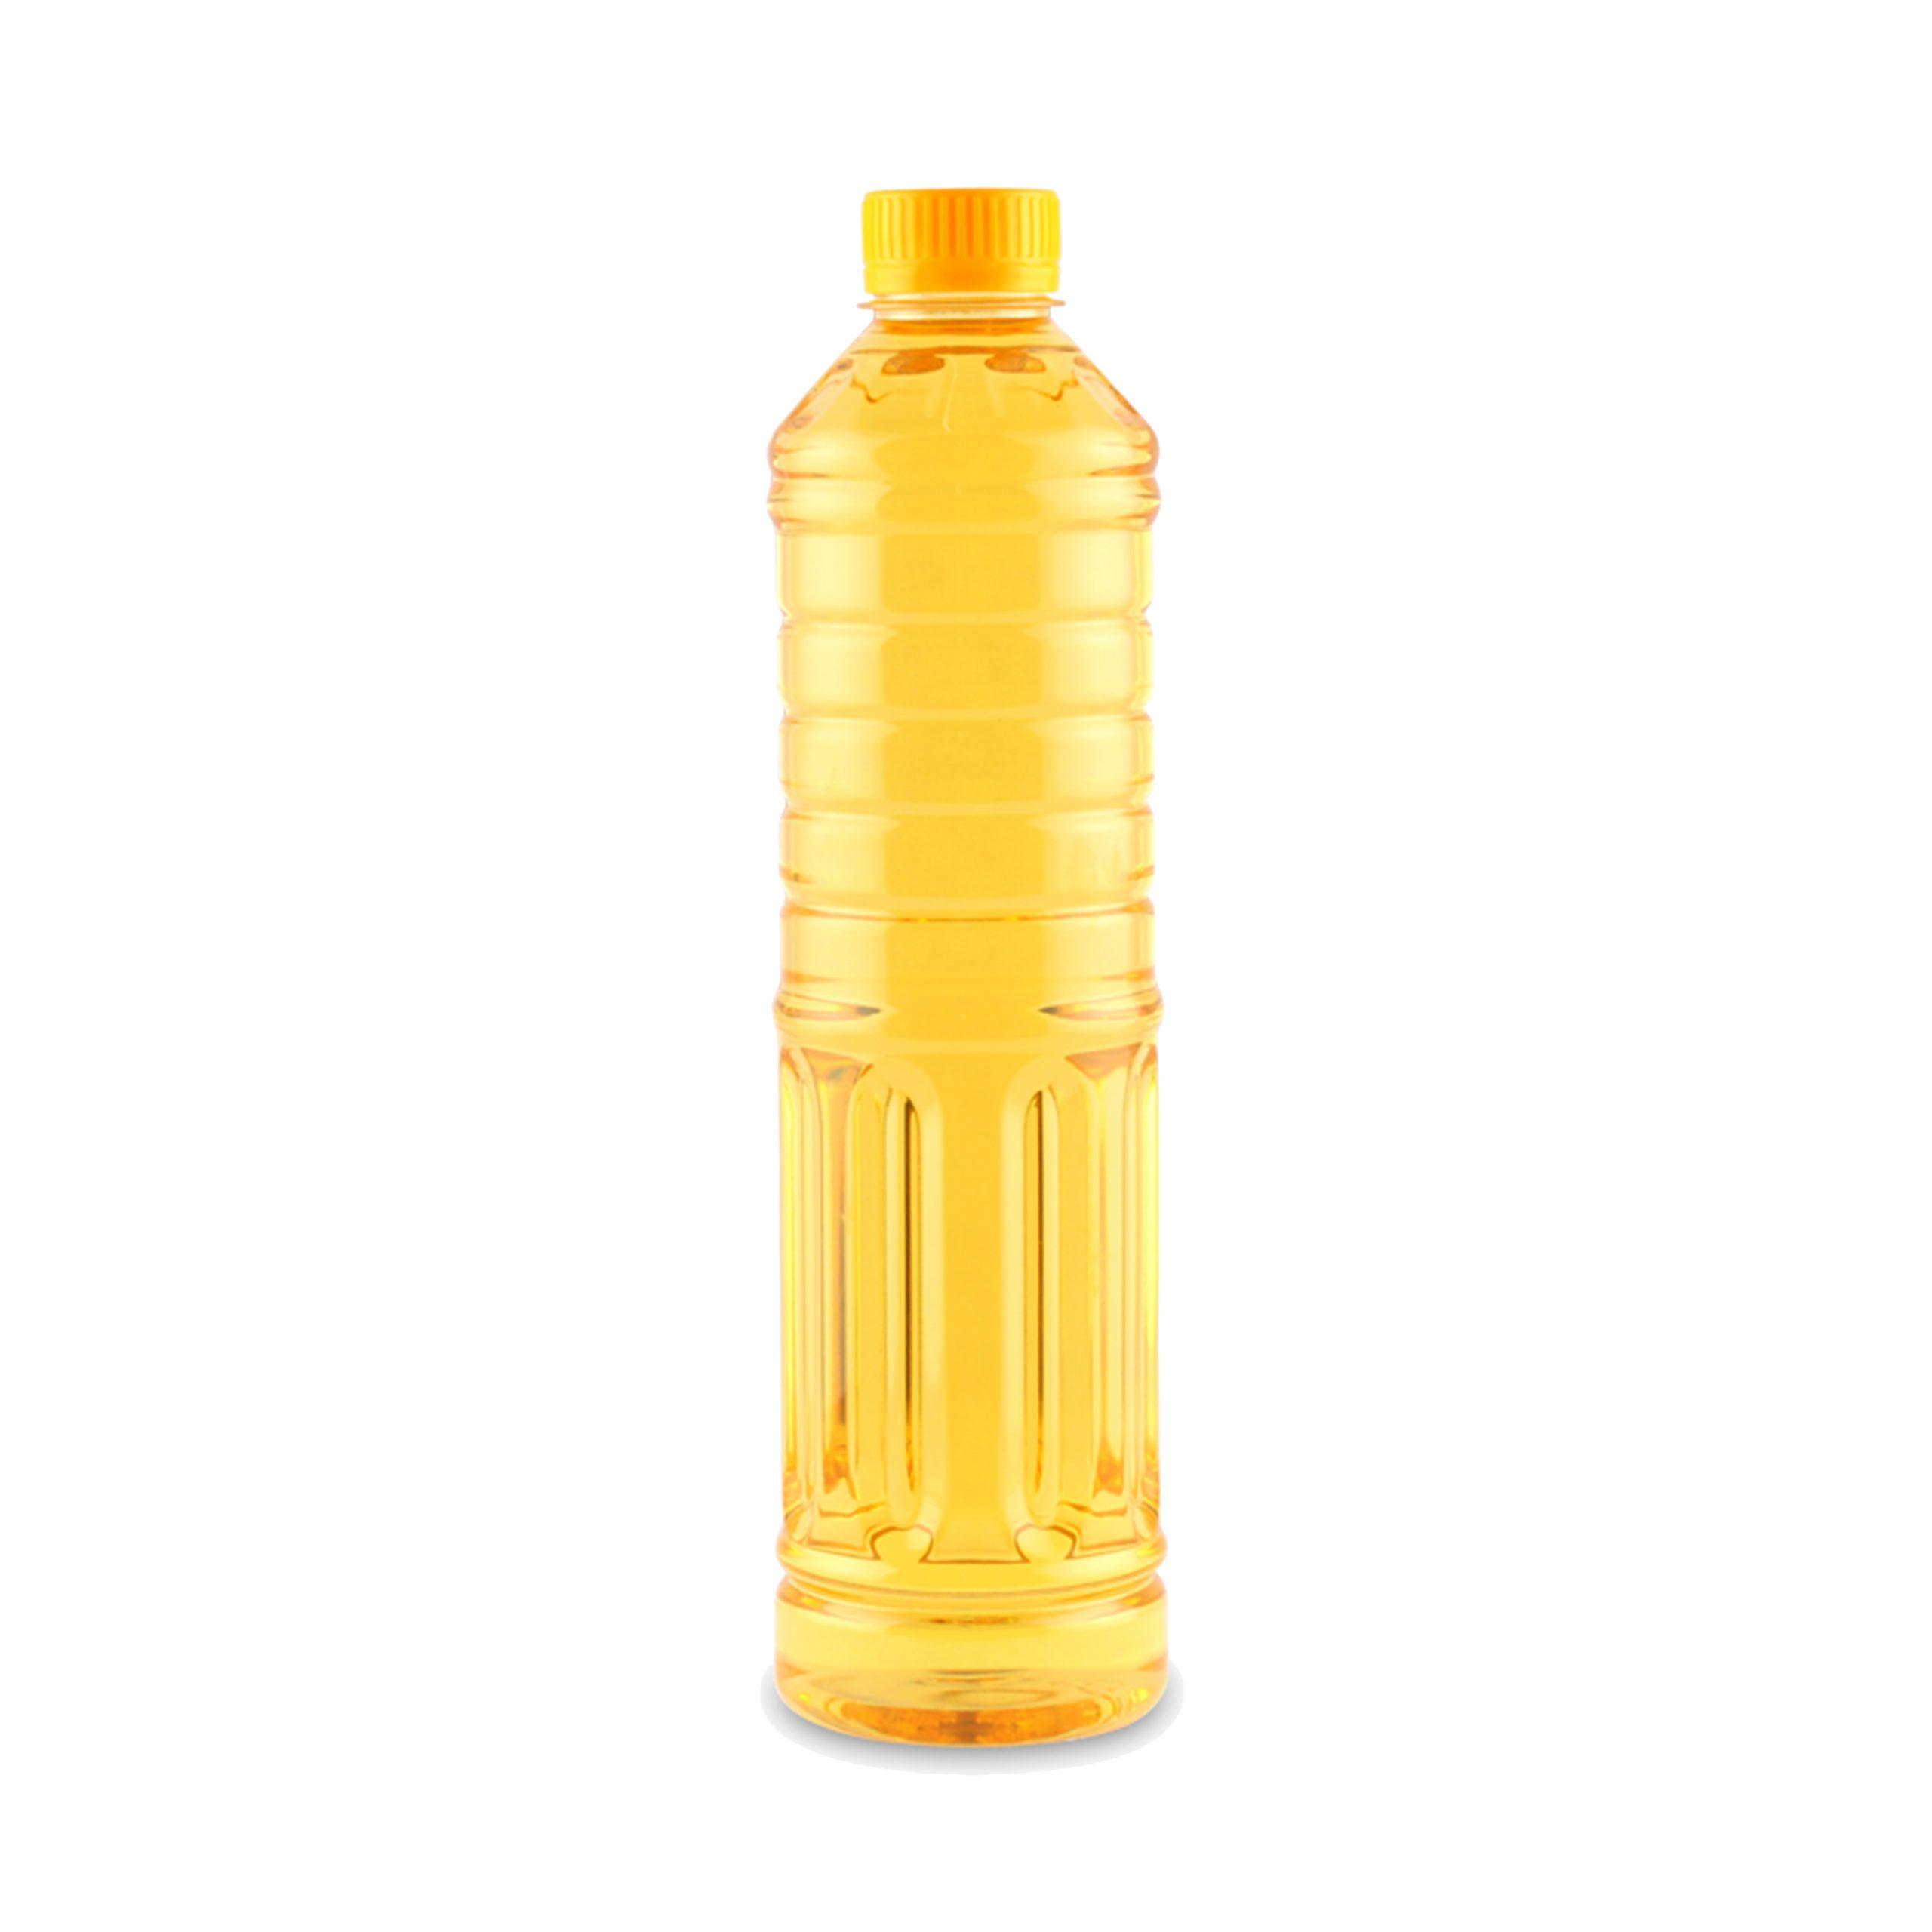 Toko Grosir Botol Plastik PET - Jeruk 620 ml